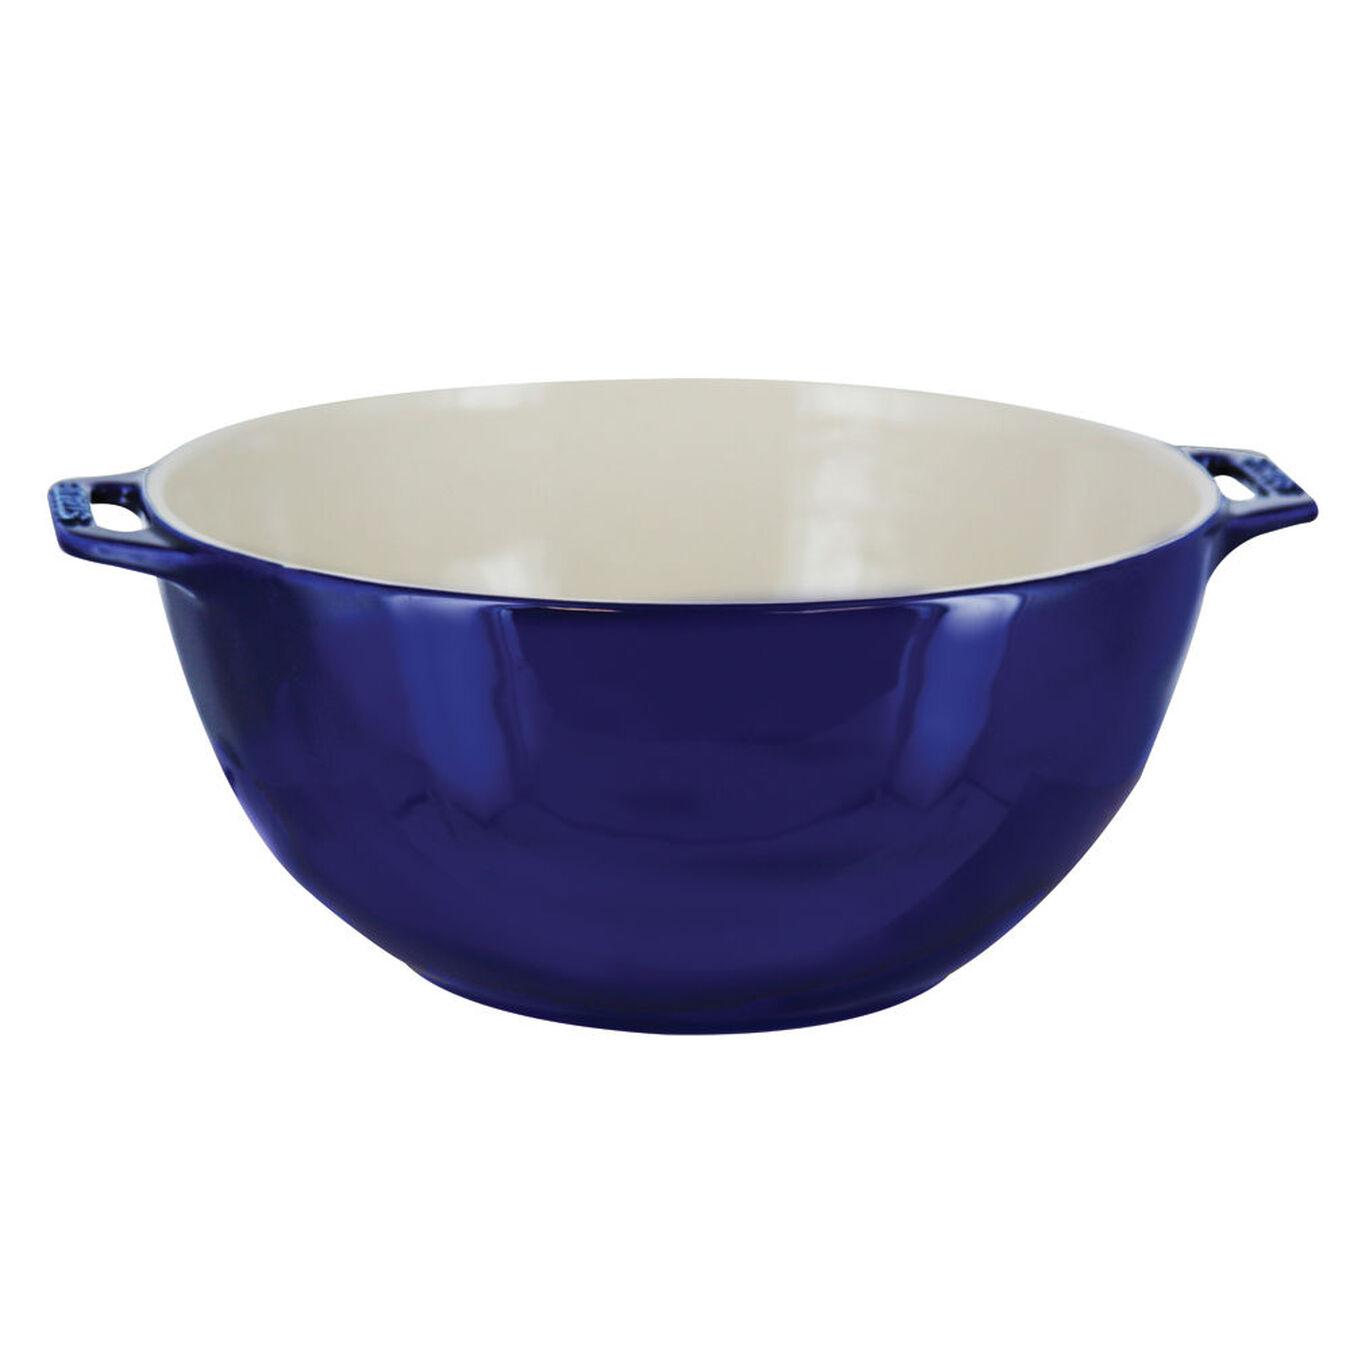 9.5-inch Large Serving Bowl - Dark Blue,,large 1